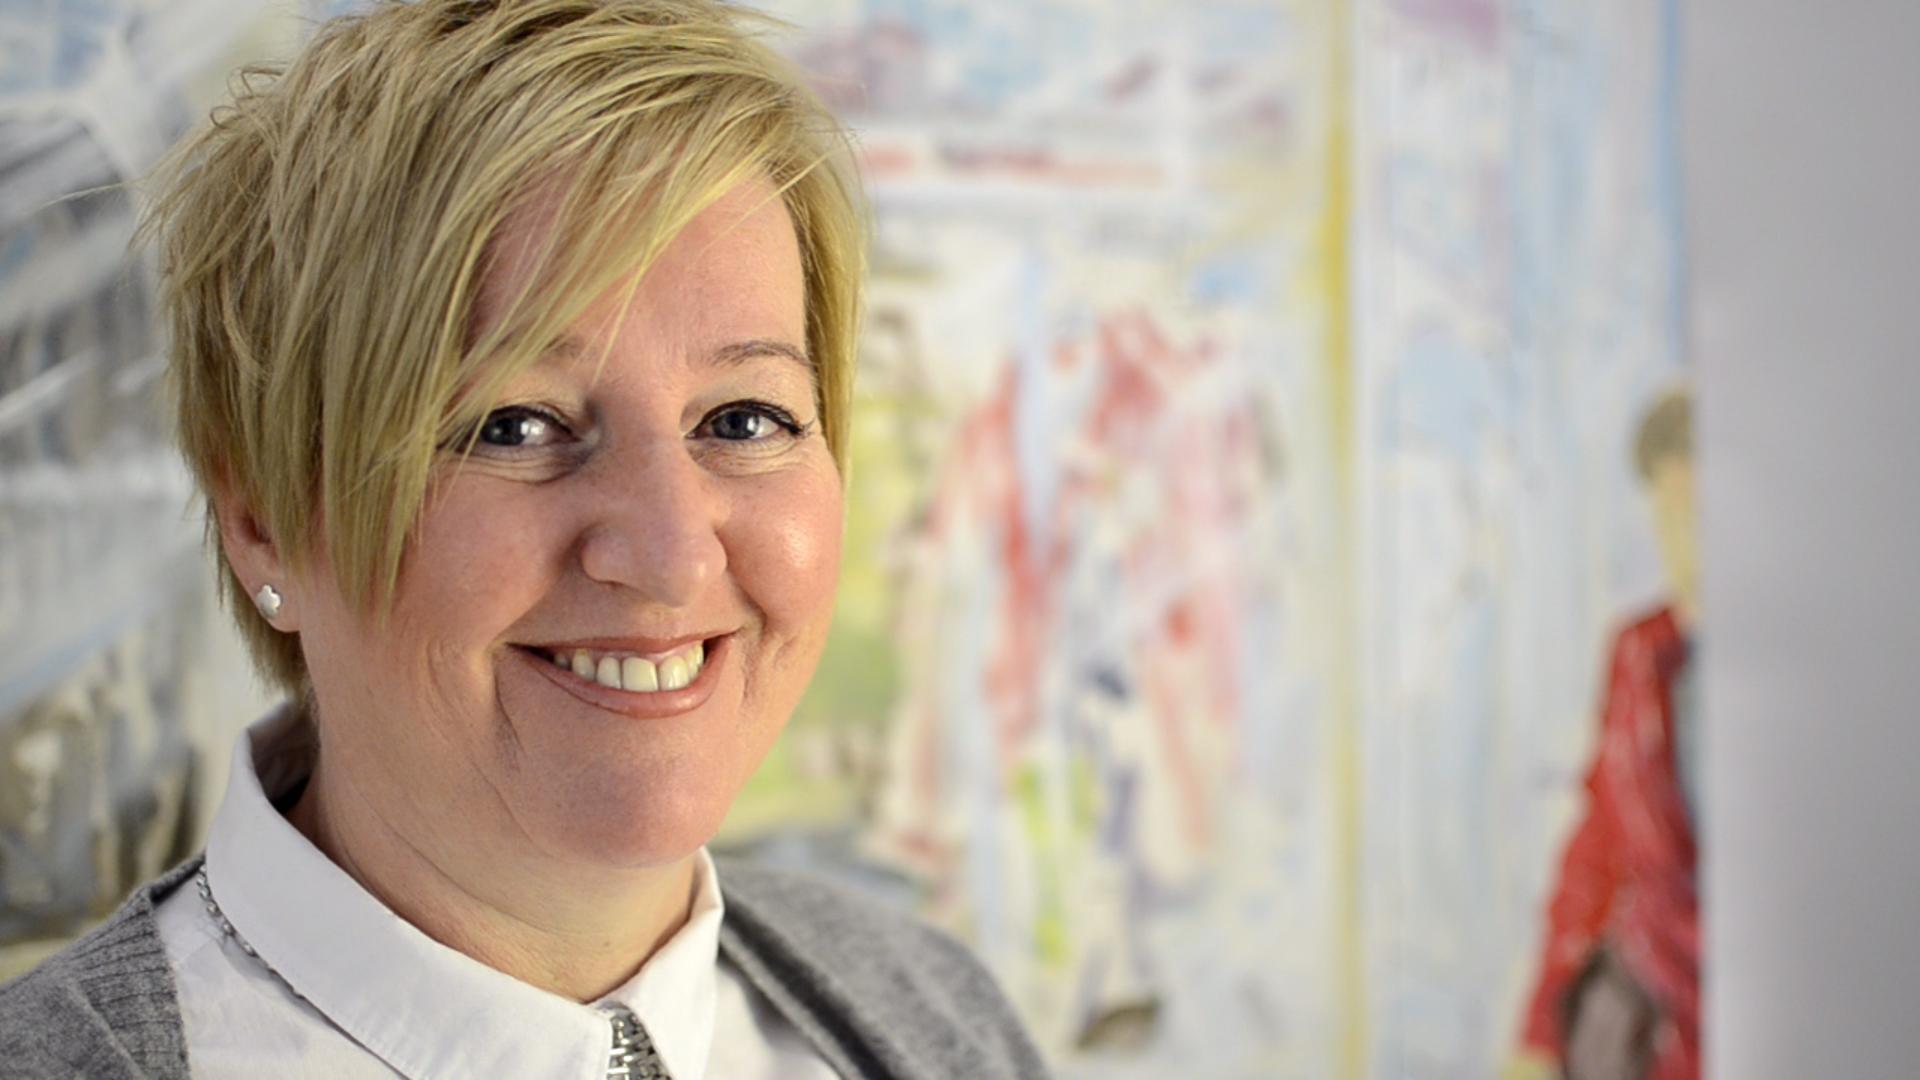 Susanne Kappeler-Niederwieser